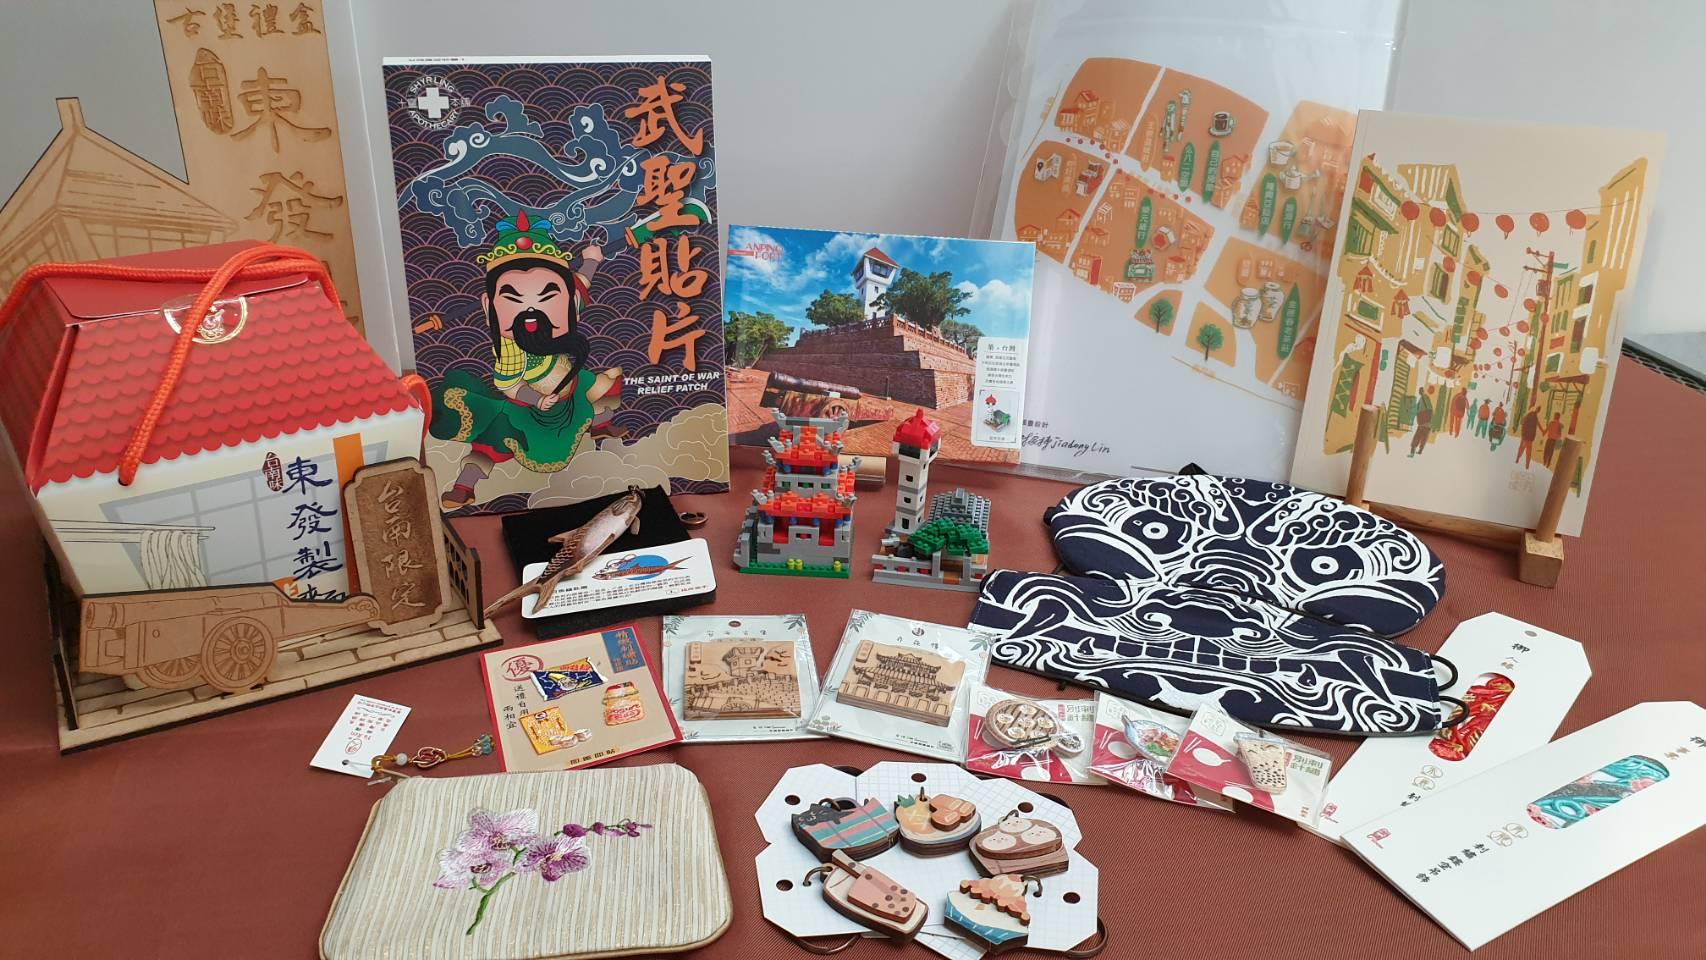 臺南市古蹟區銷售紀念商品徵選結果出爐